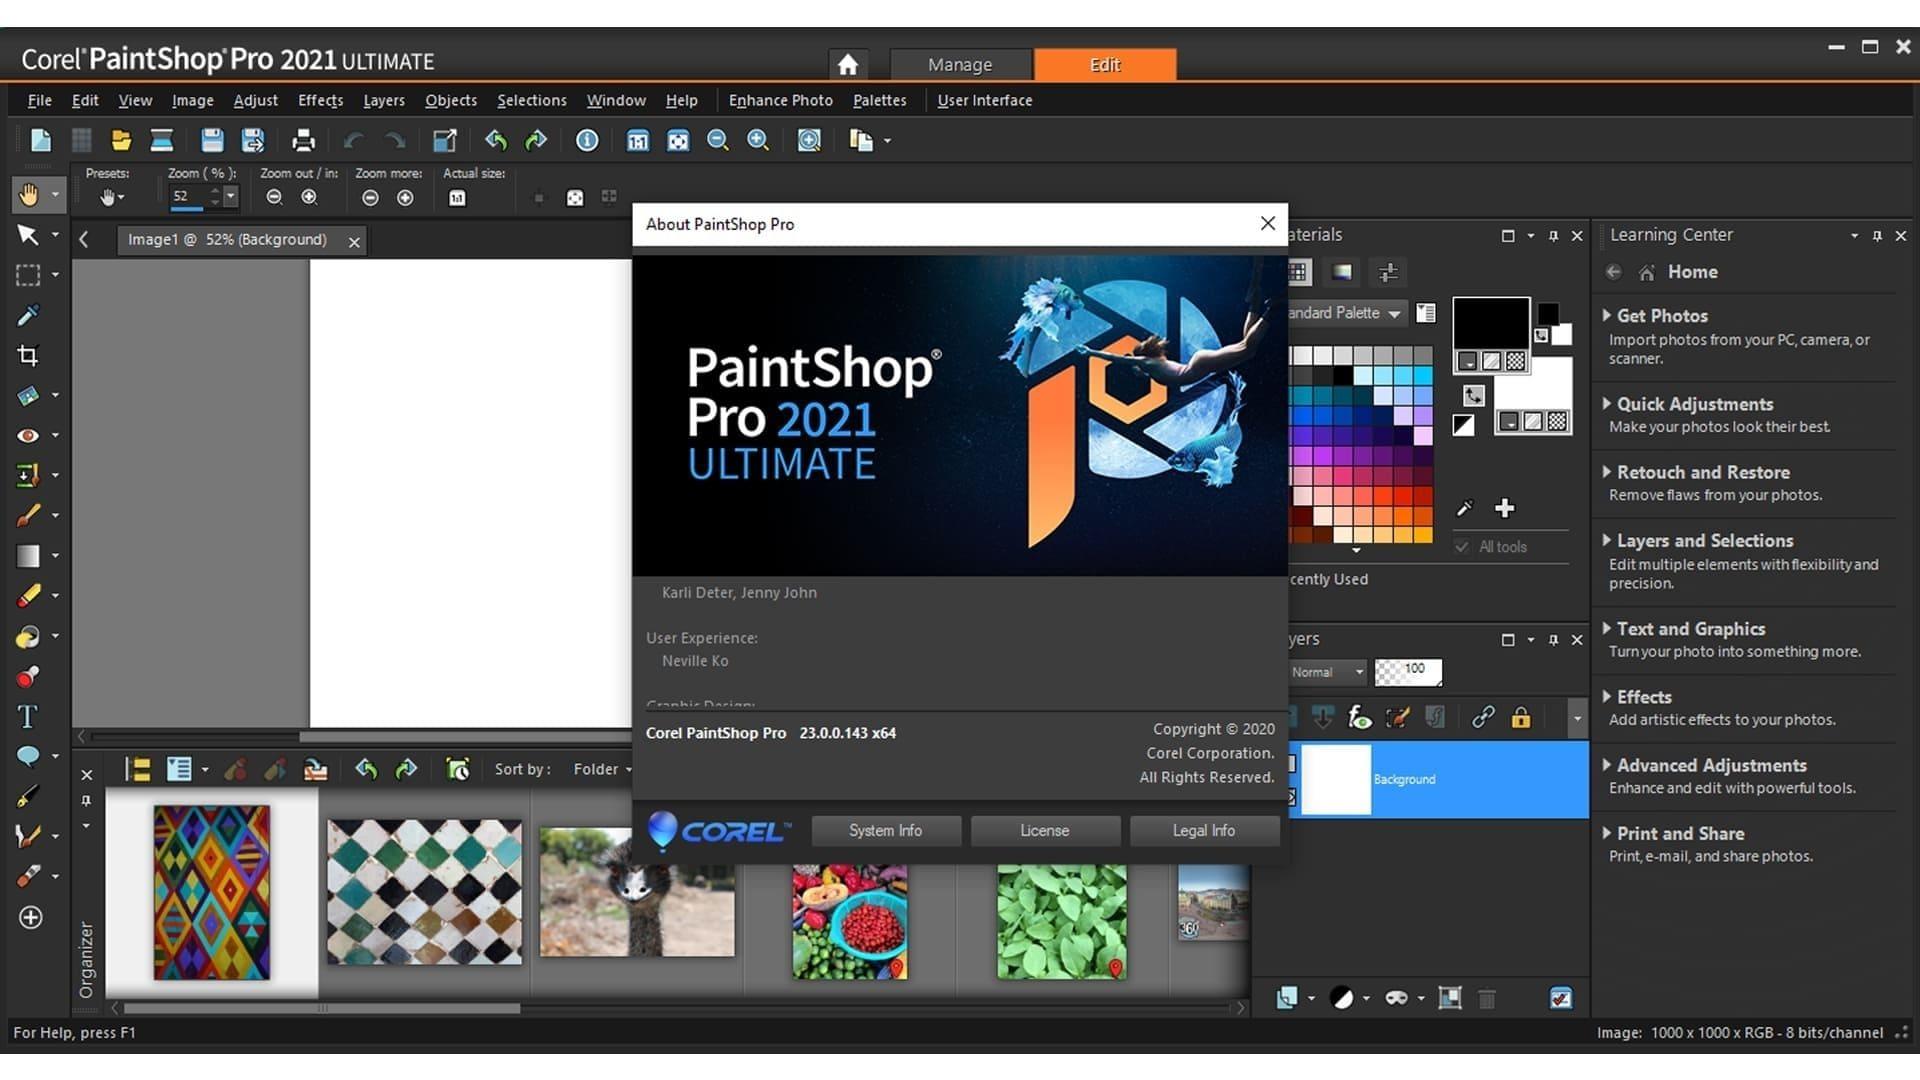 Captura de tela do editor de fotos para PC Corel PaintShop